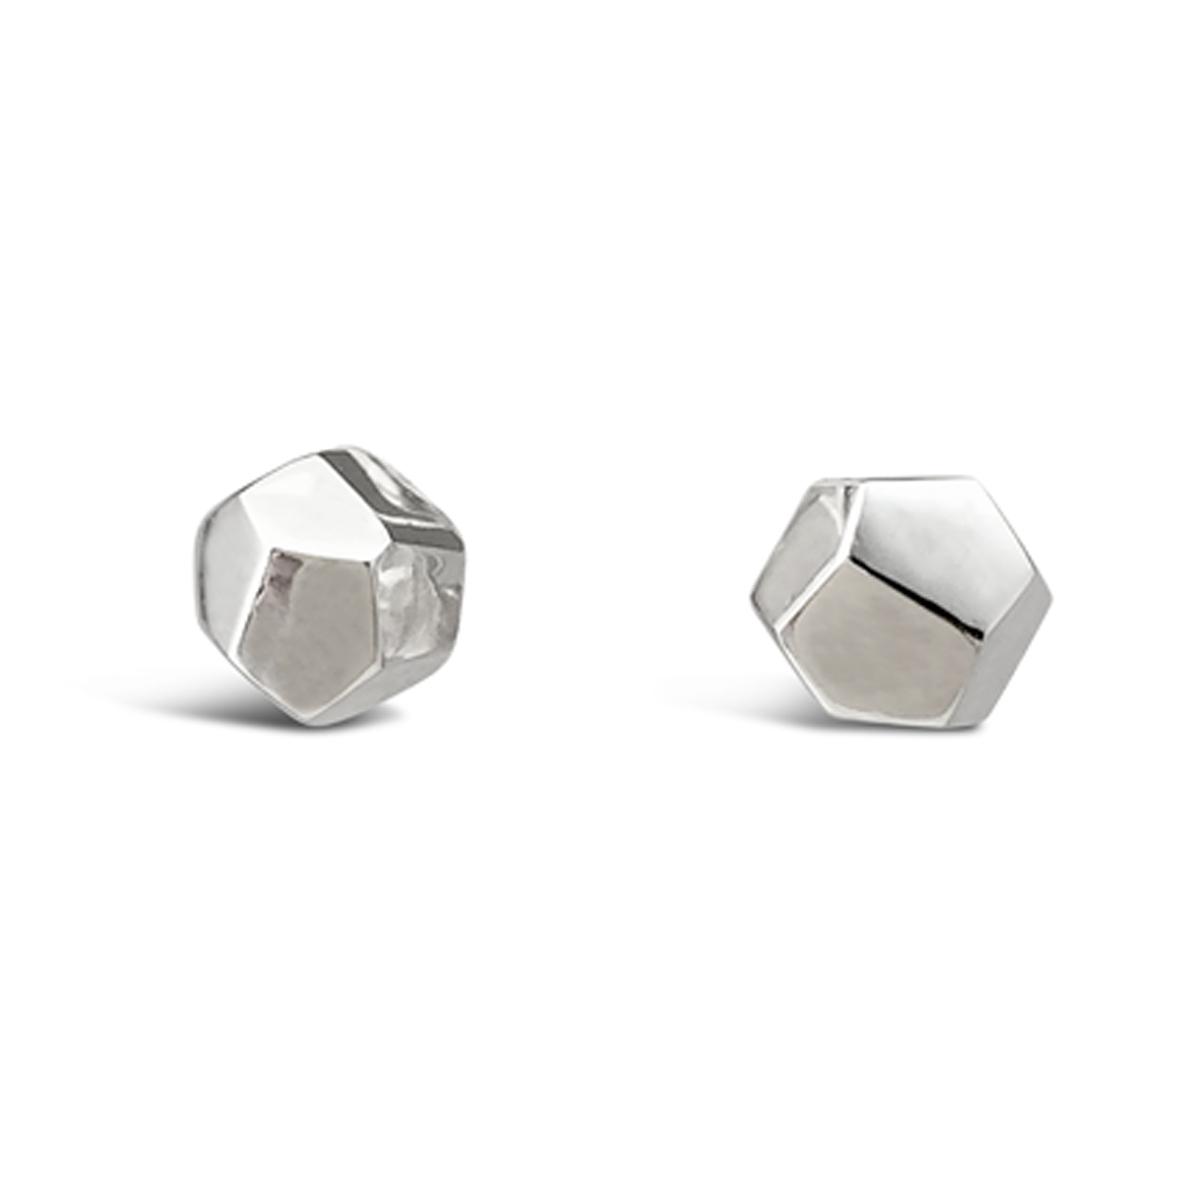 Decca earrings silver 6mm